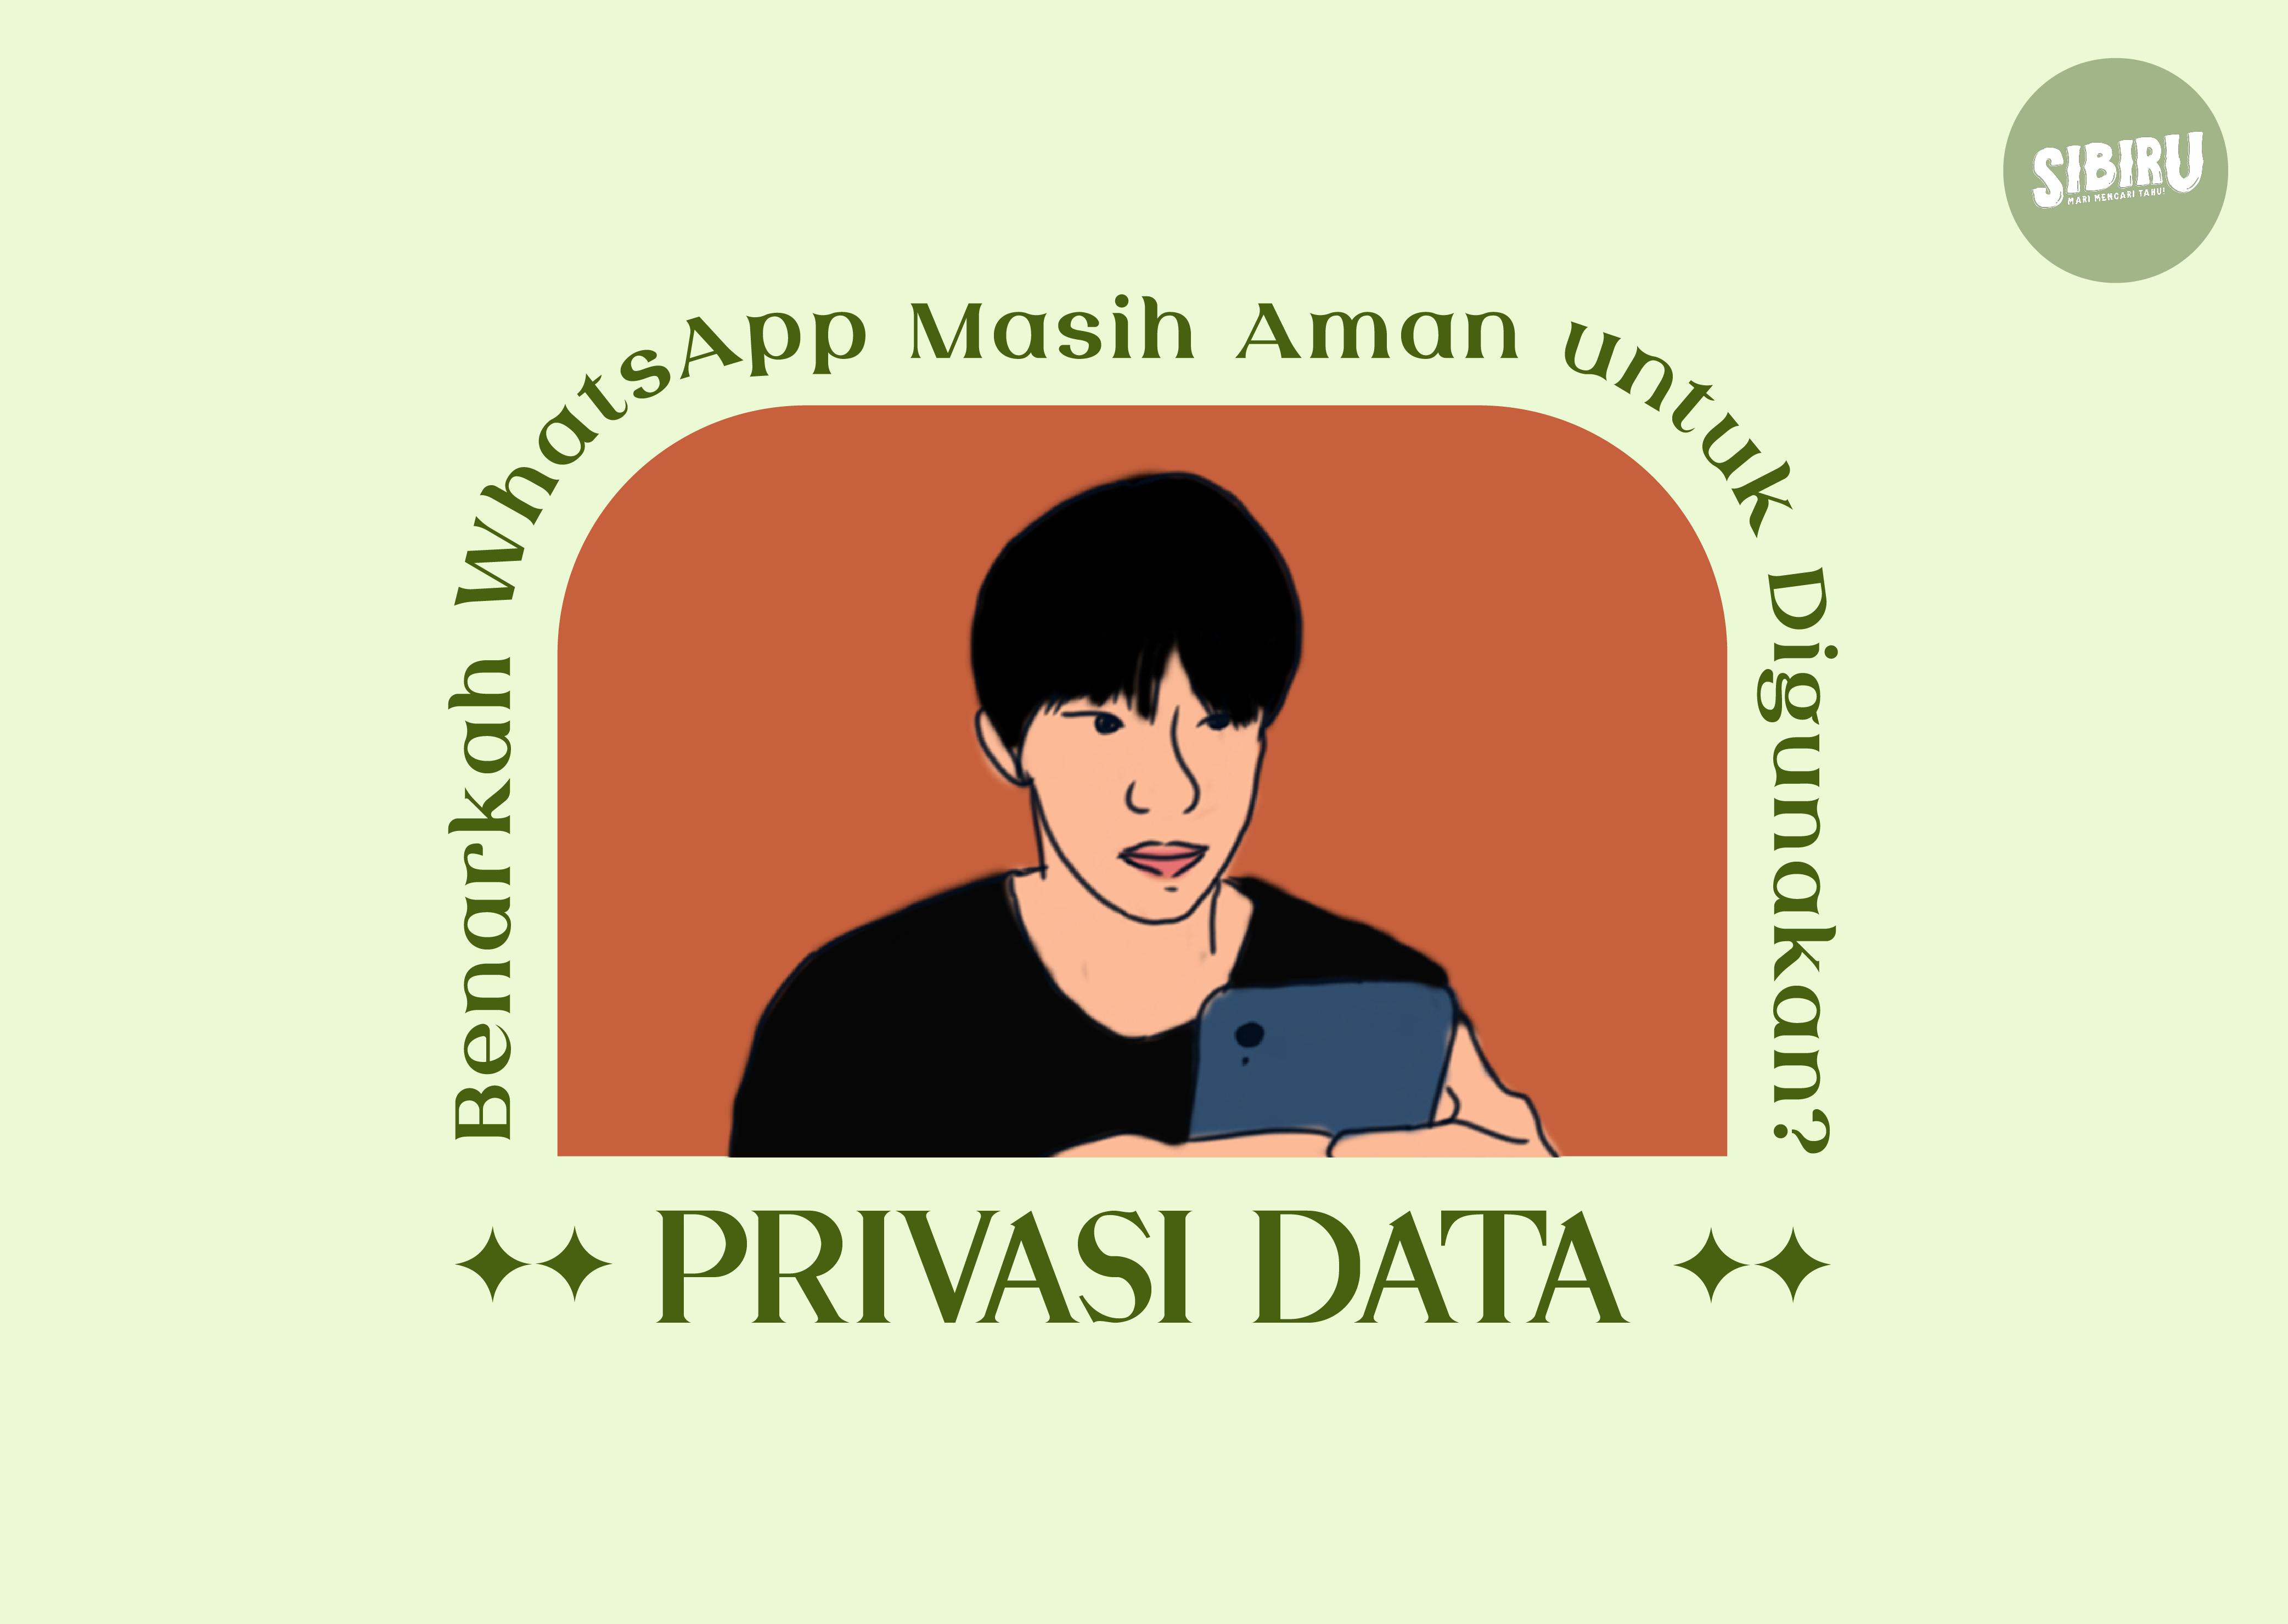 Privasi Data: Benarkah WhatsApp Masih Aman untuk Digunakan?